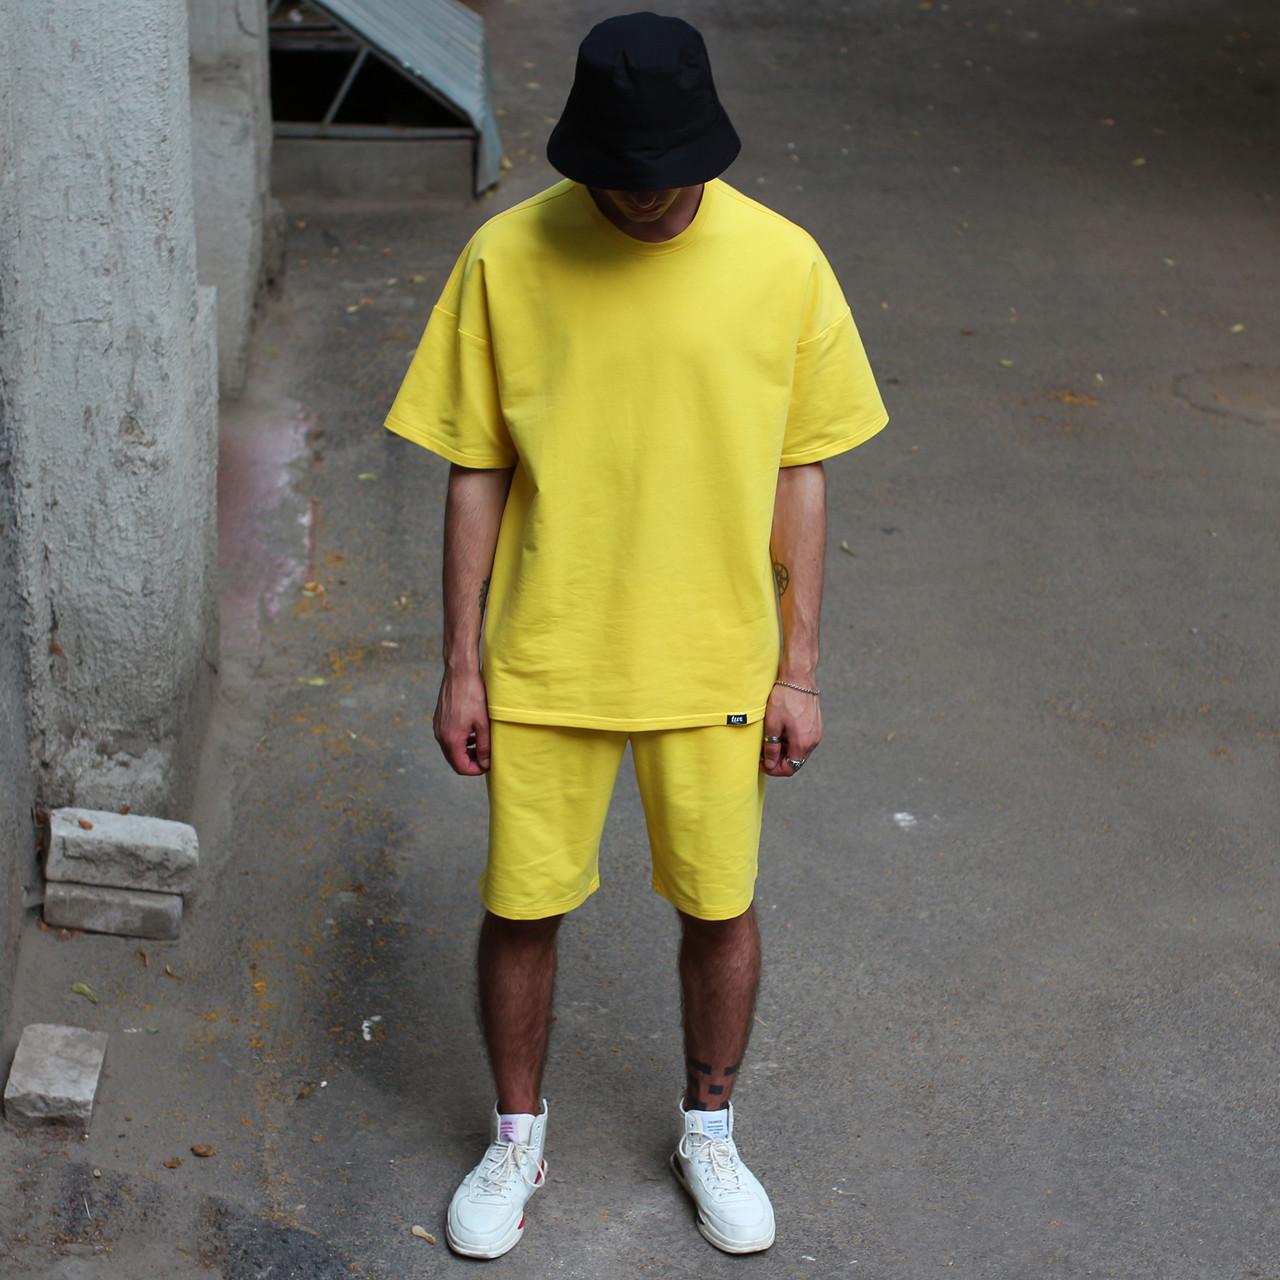 Летний комплект жёлтая футболка мужская Quil (Квин) и жёлтые шорты мужские Duncan (Дункан) TURWEAR